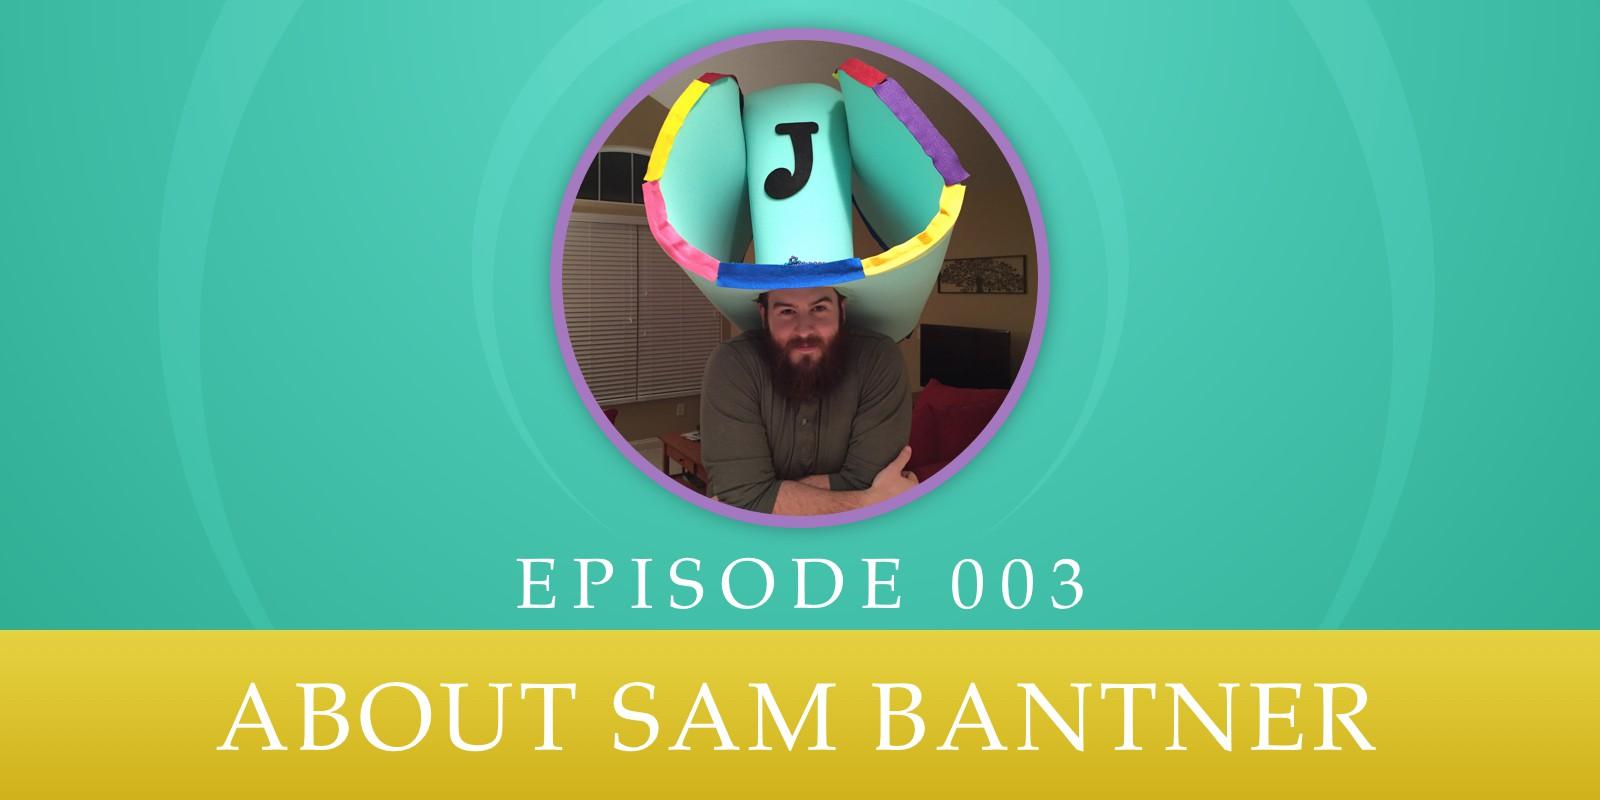 Episode 003: About Sam Bantner